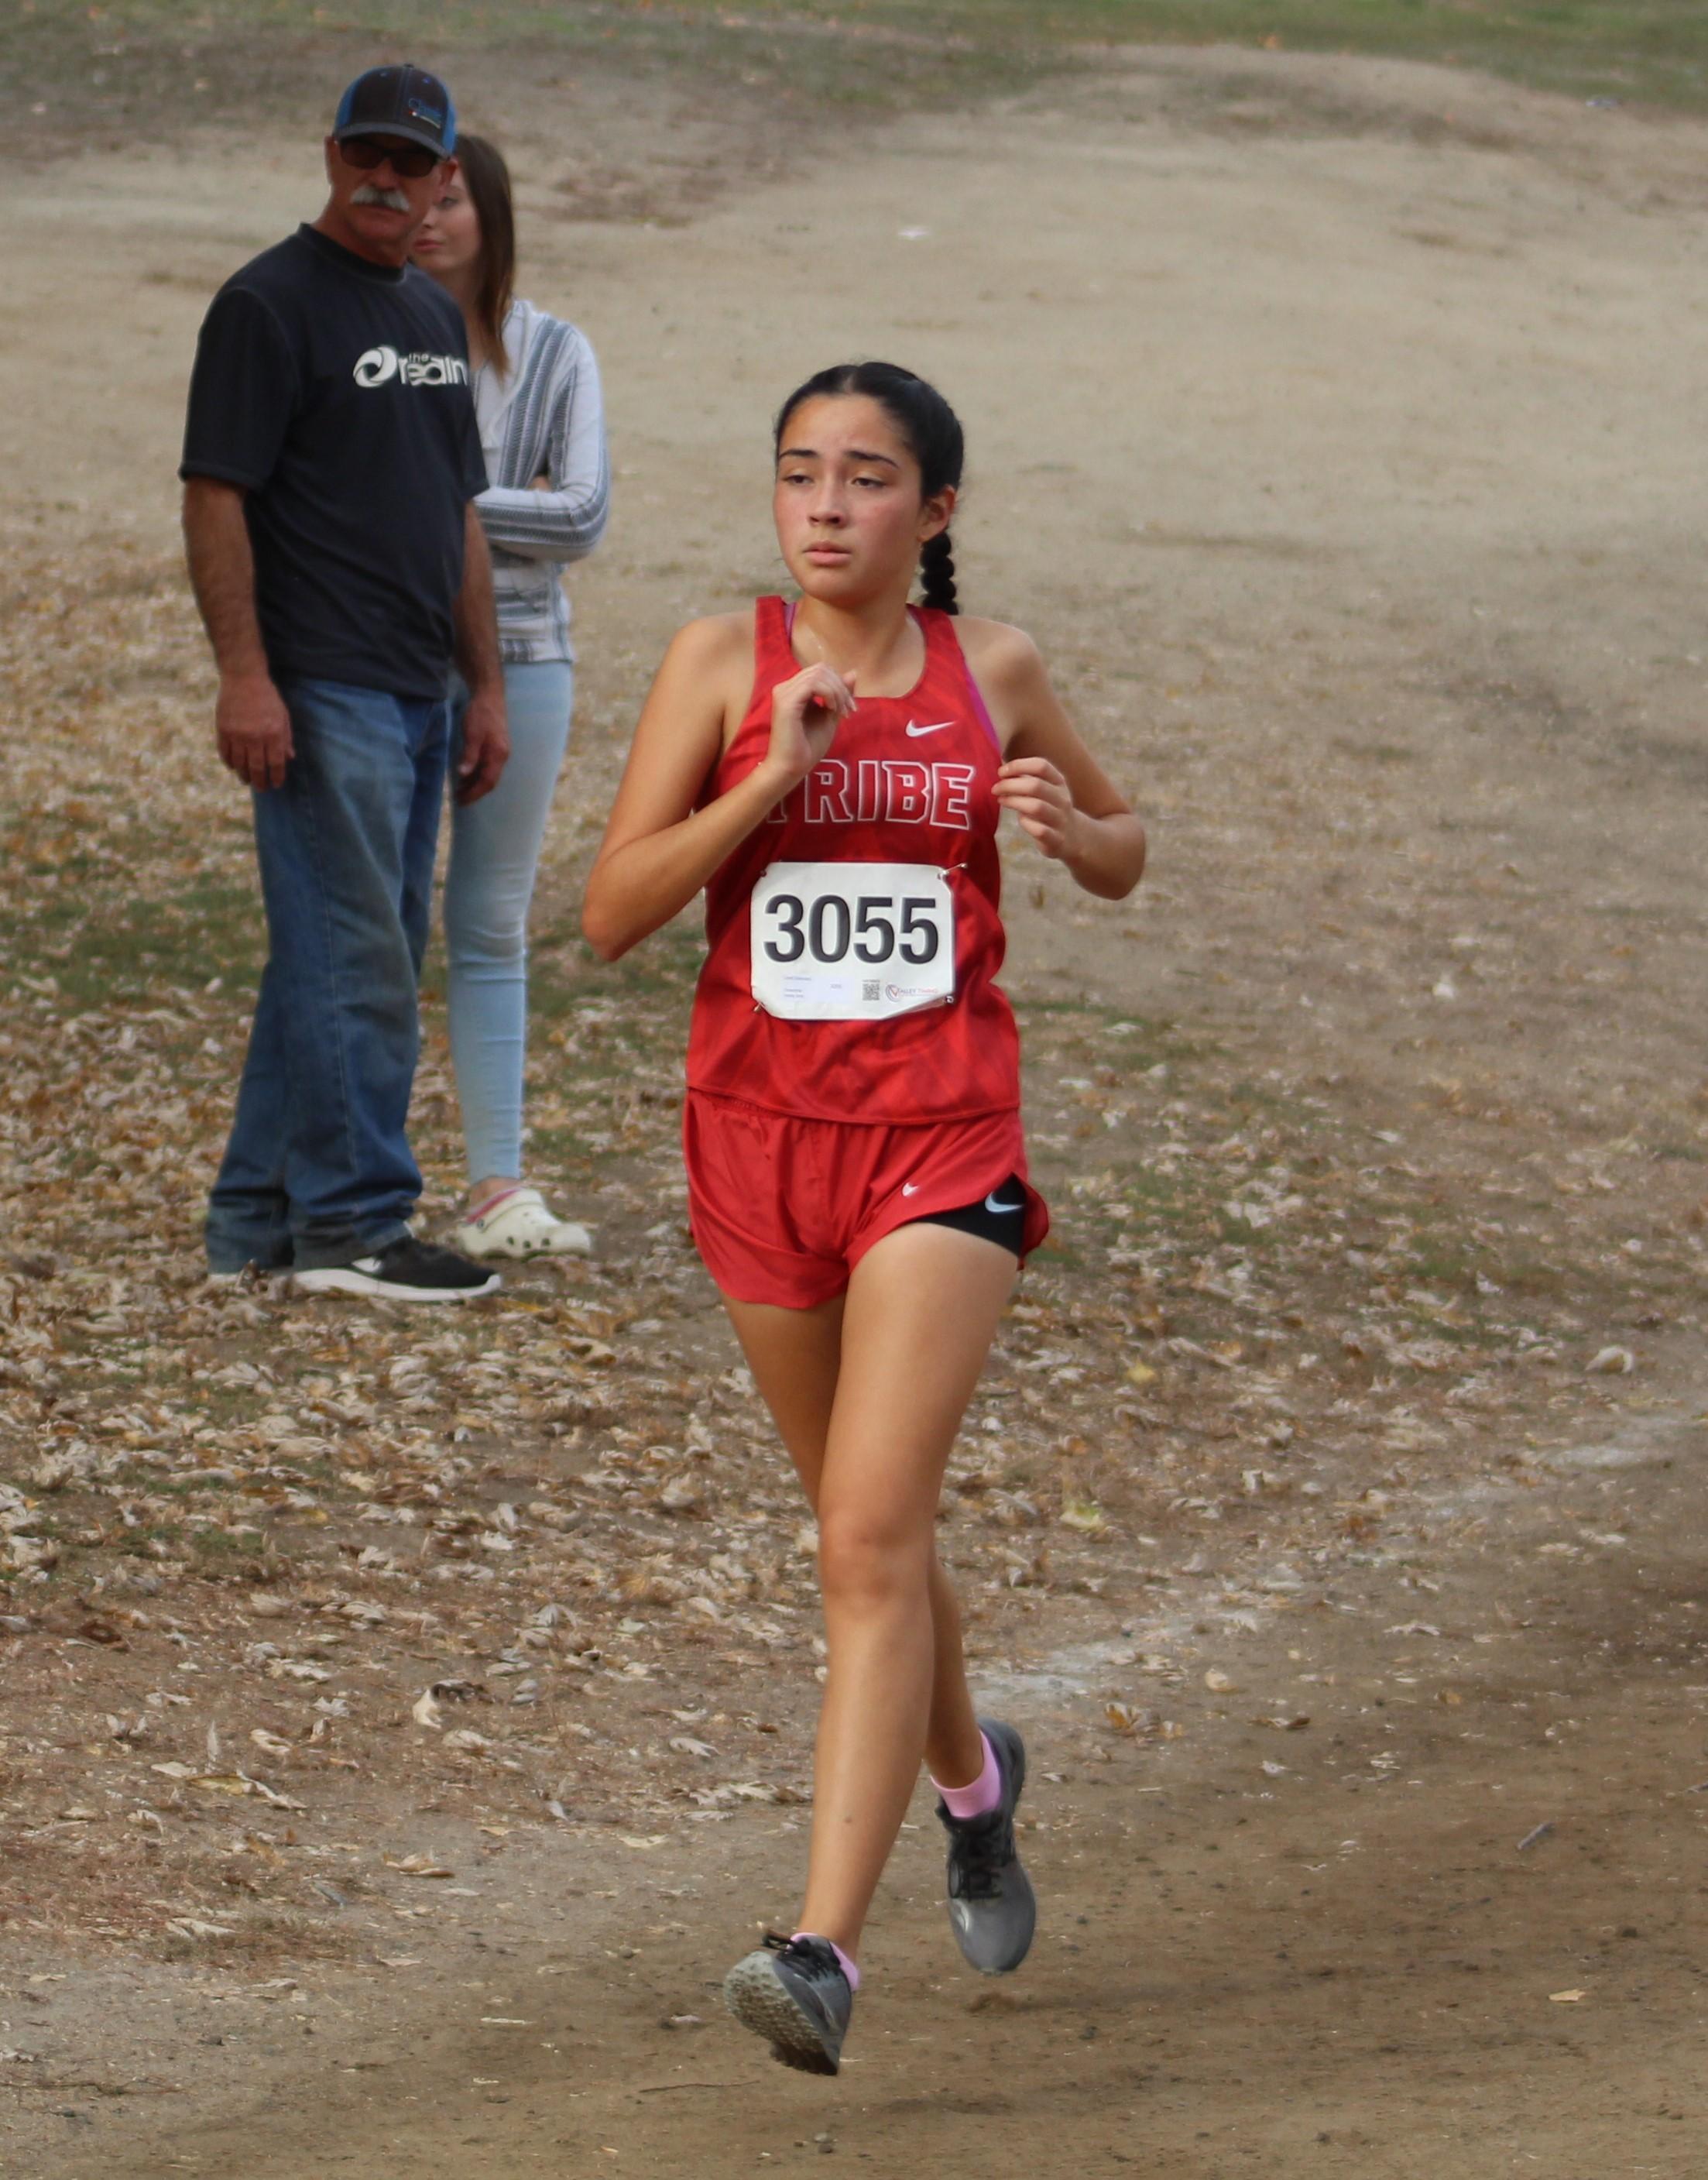 Lizeth Solorzano running